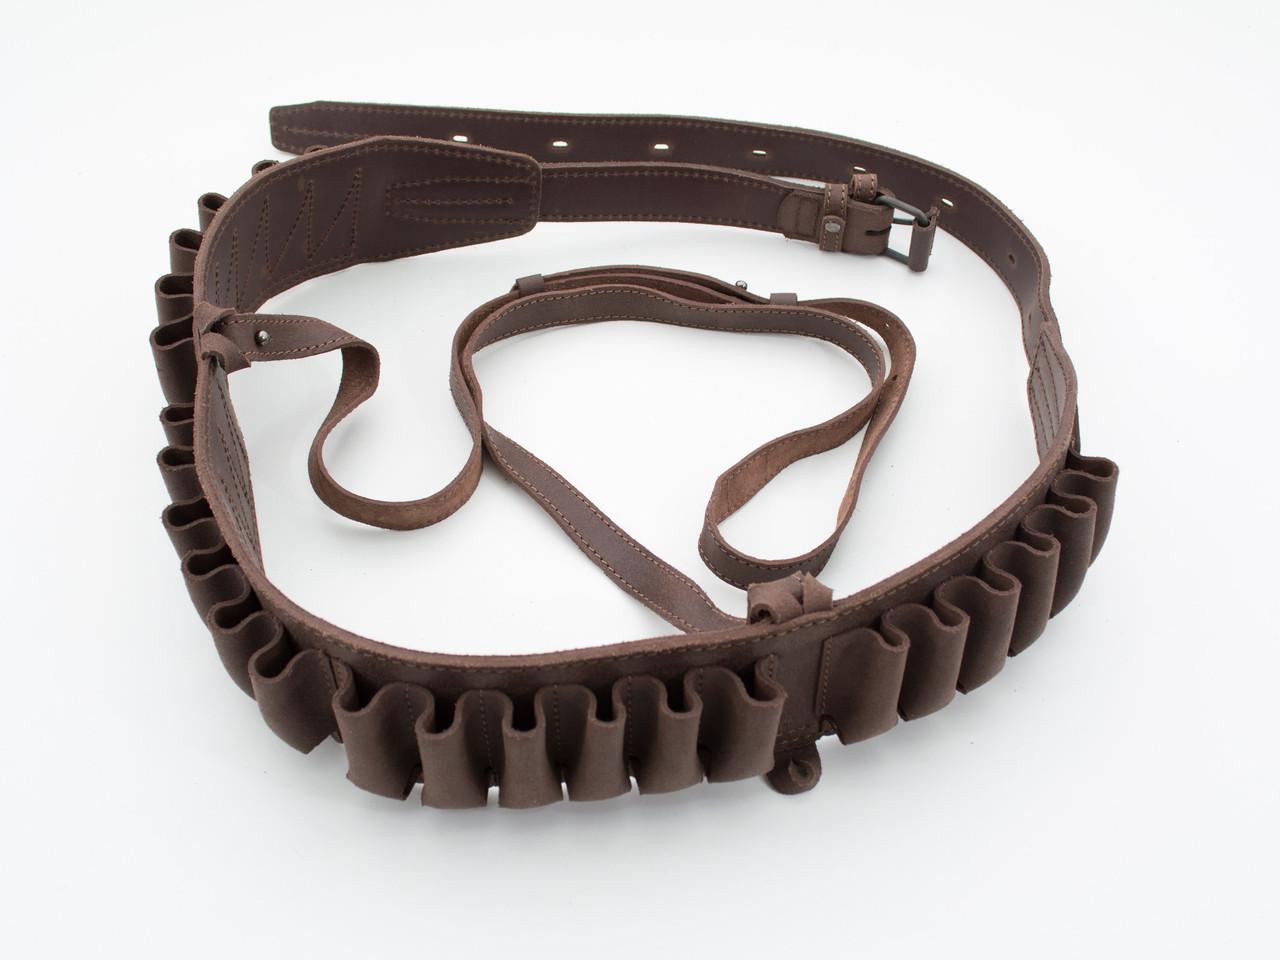 Патронташ на пояс на 24 патрона открытый кожа коричневый 10305/2